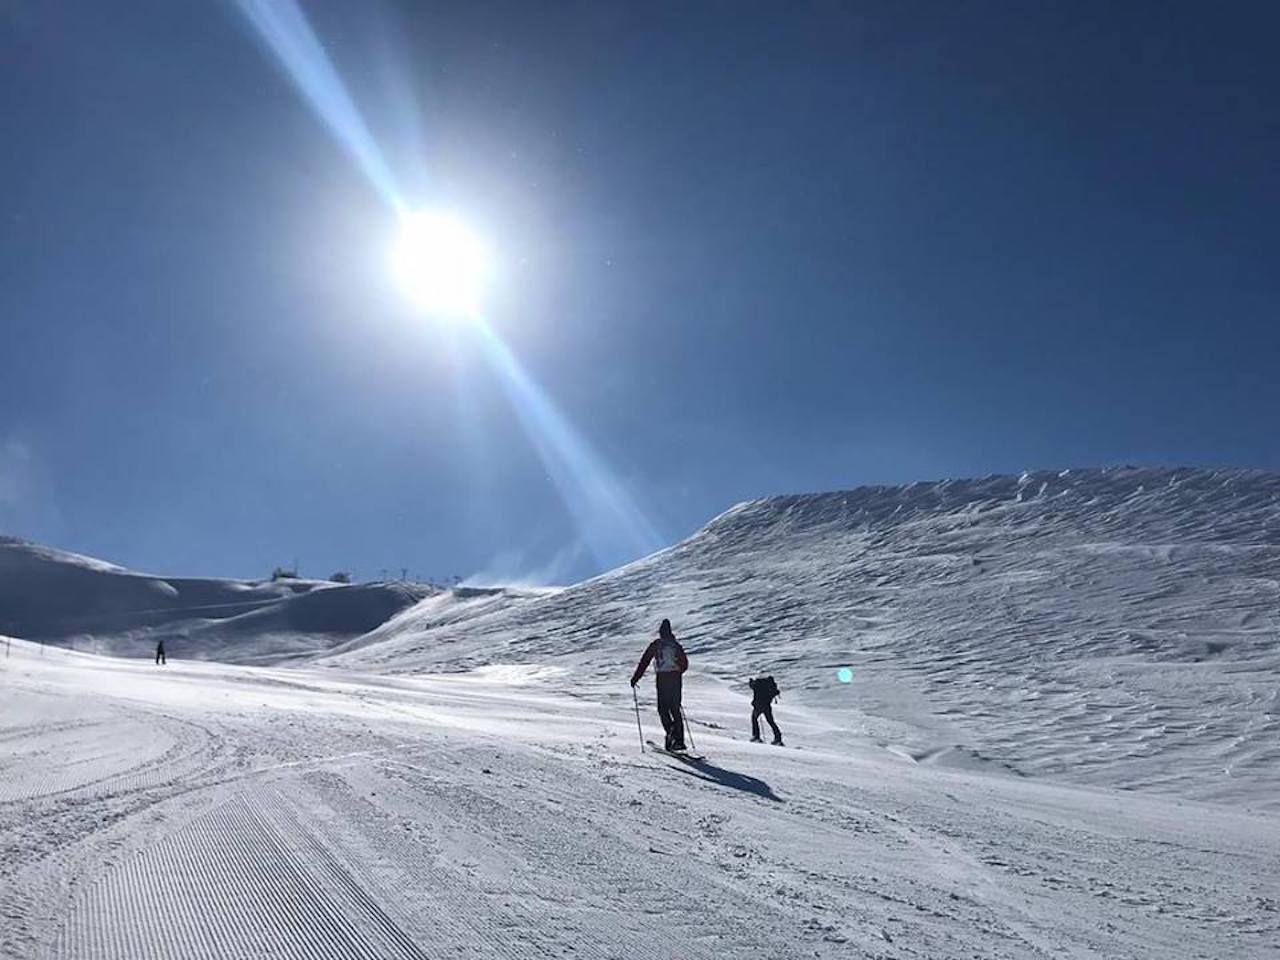 Skiers on fresh white powder on a Lebanese mountain